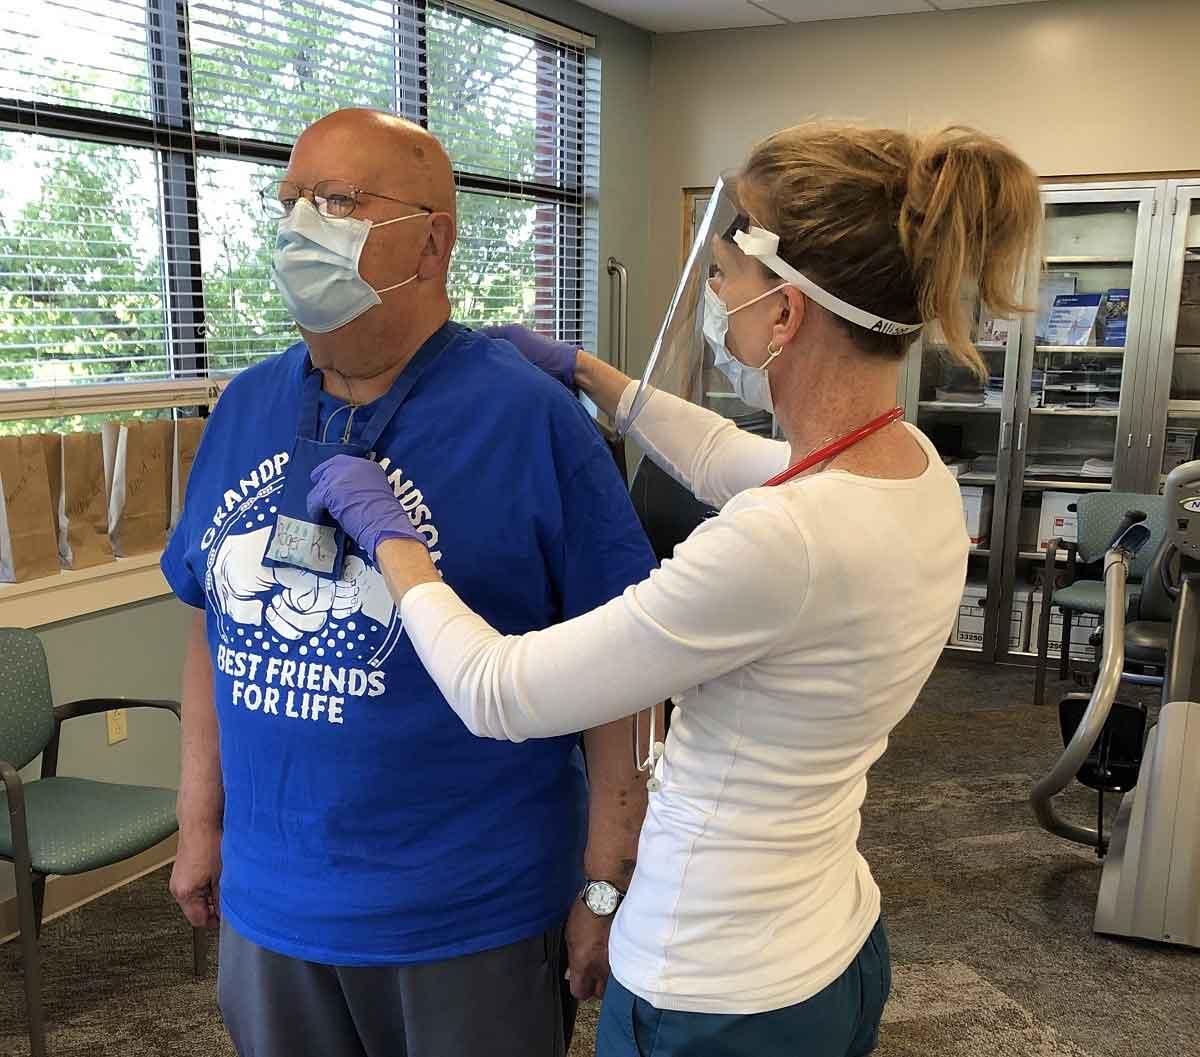 Un fisiólogo del ejercicio toca la espalda de un paciente masculino mayor que está parado en la sala de rehabilitación cardíaca de St. Joseph. El hombre lleva un monitor cardíaco, una camiseta y una máscara facial. El fisiólogo del ejercicio lleva una camisa de manga larga, una mascarilla y una careta.